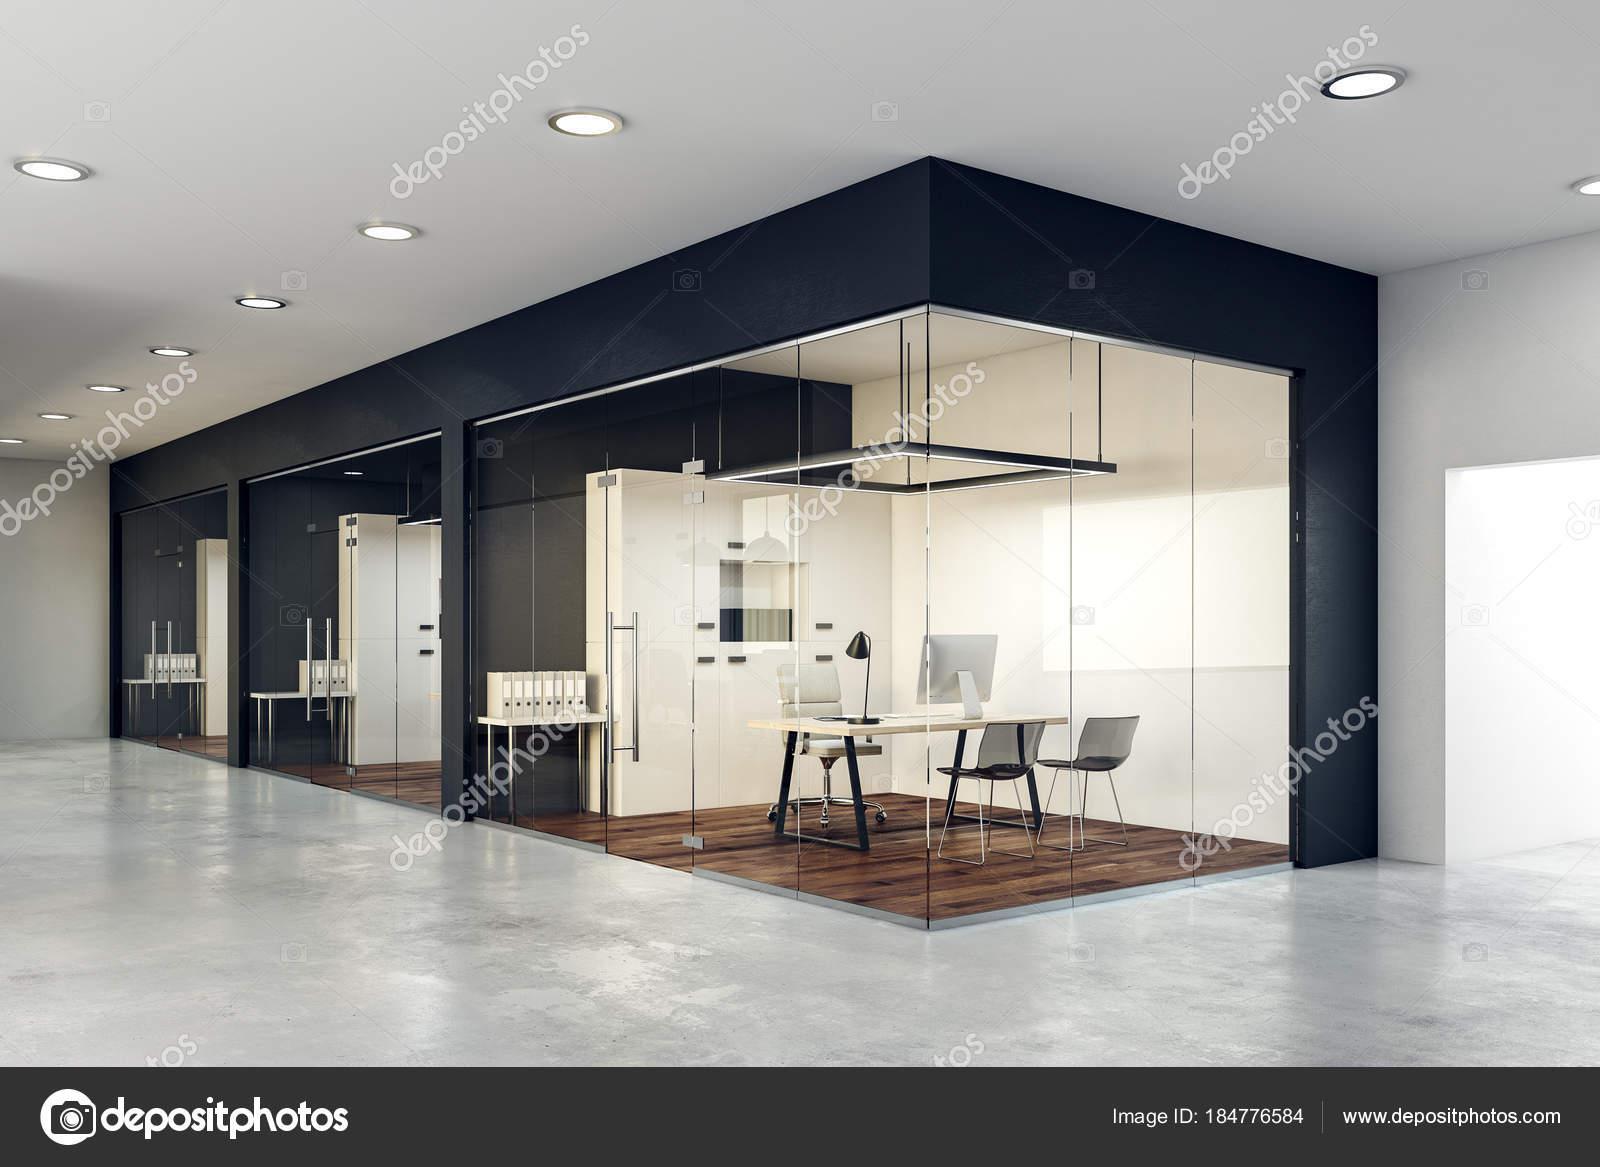 Zeitgenössisches Glas Büroeinrichtung — Stockfoto © peshkova #184776584